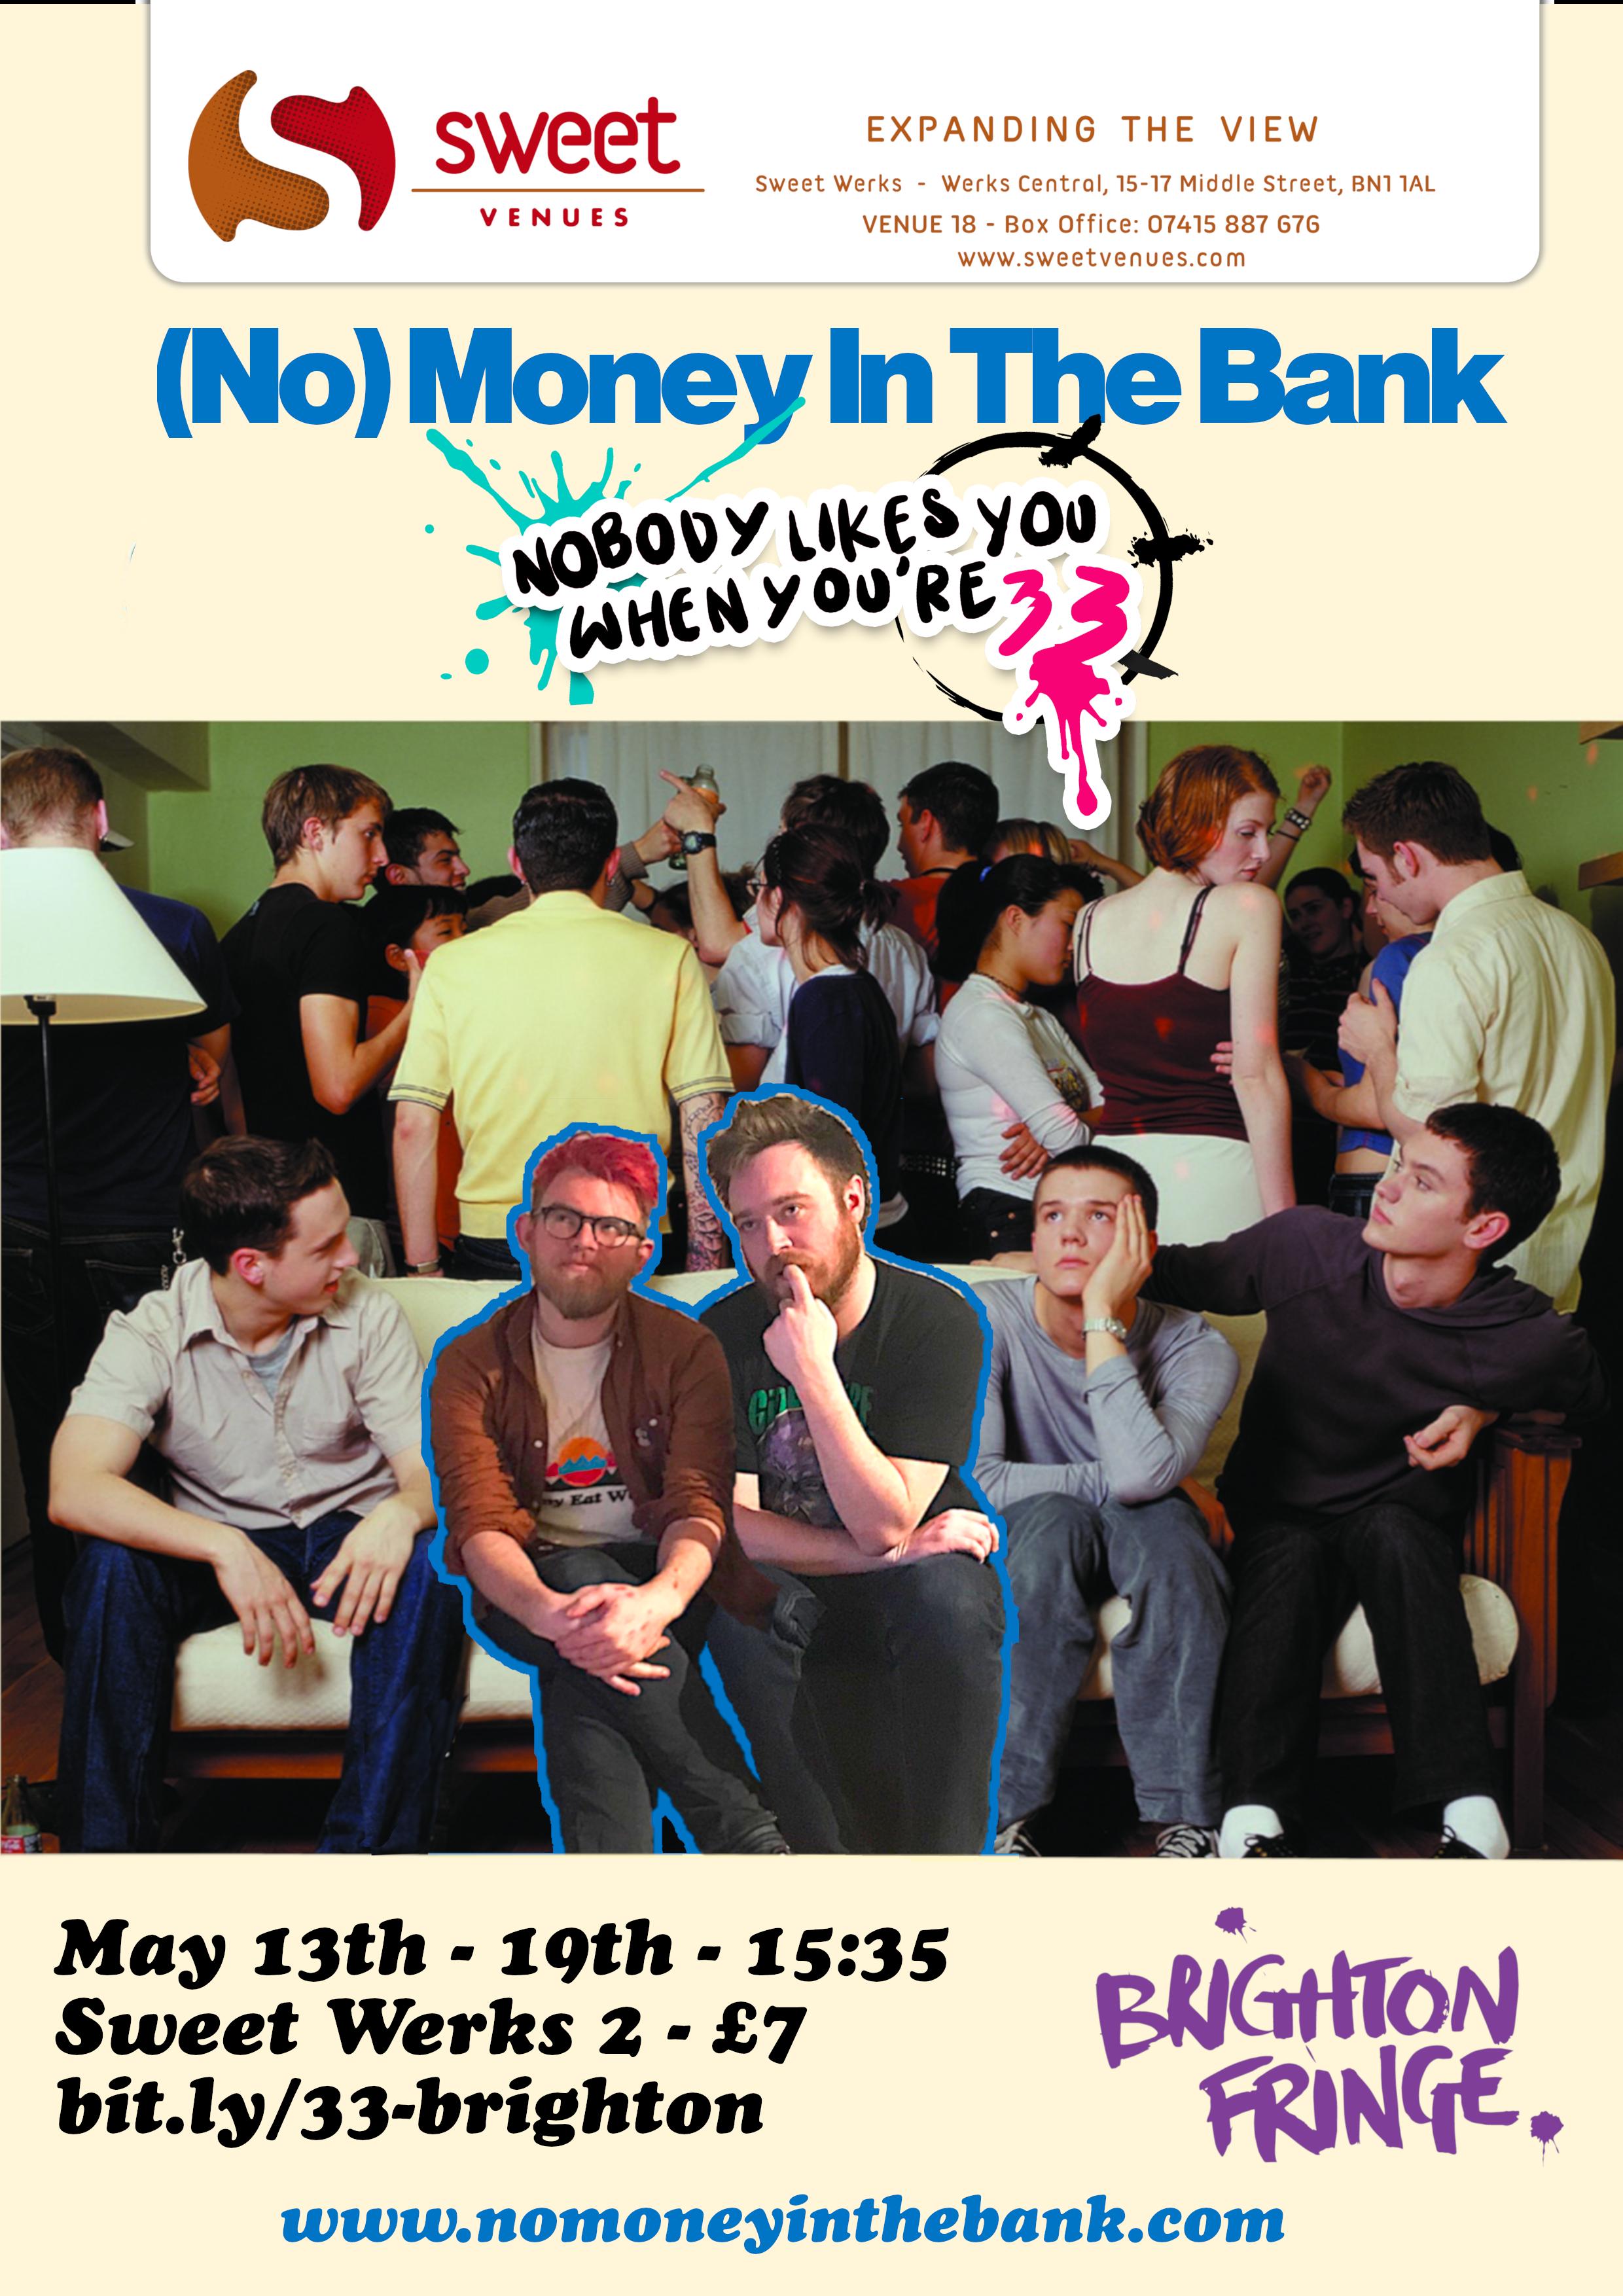 NobodyLikesYouWhenYoure33 - Poster.png